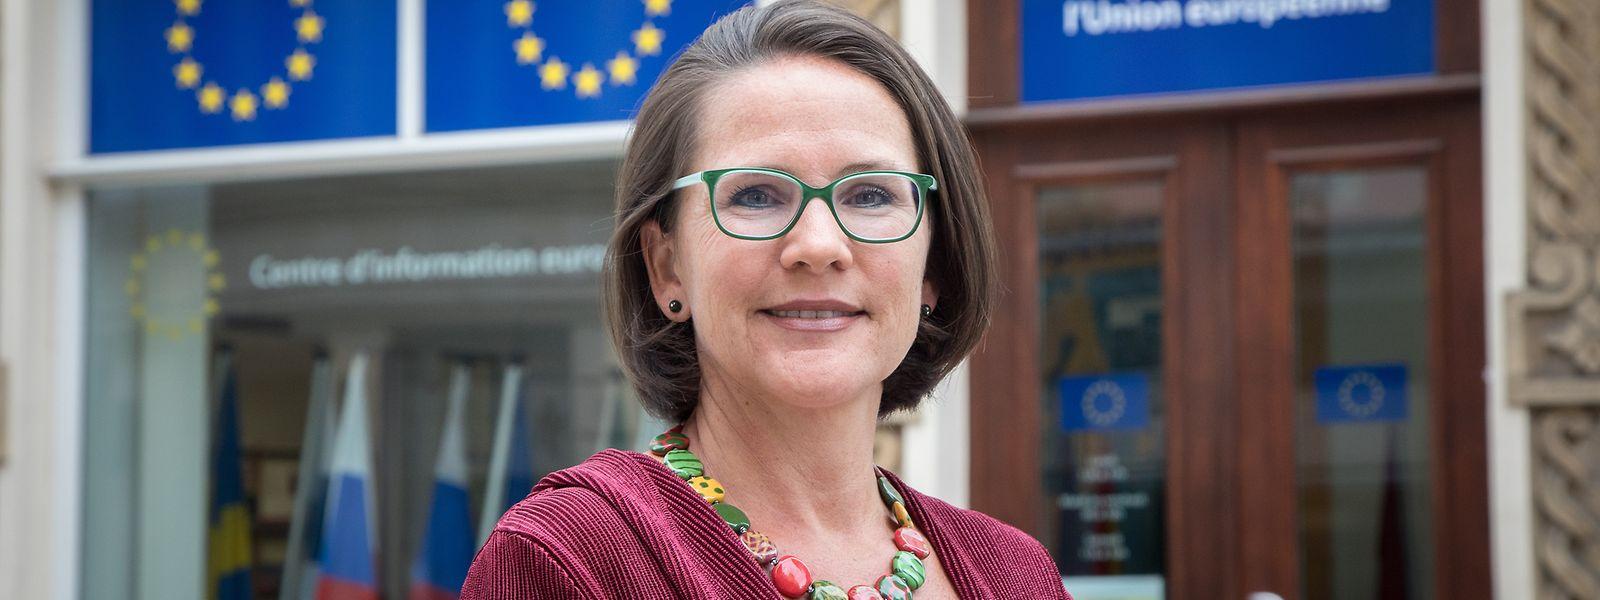 Yuriko Backes, «une personnalité idéale pour mener les affaires de la Cour grand-ducale», fait savoir le Grand-Duc.